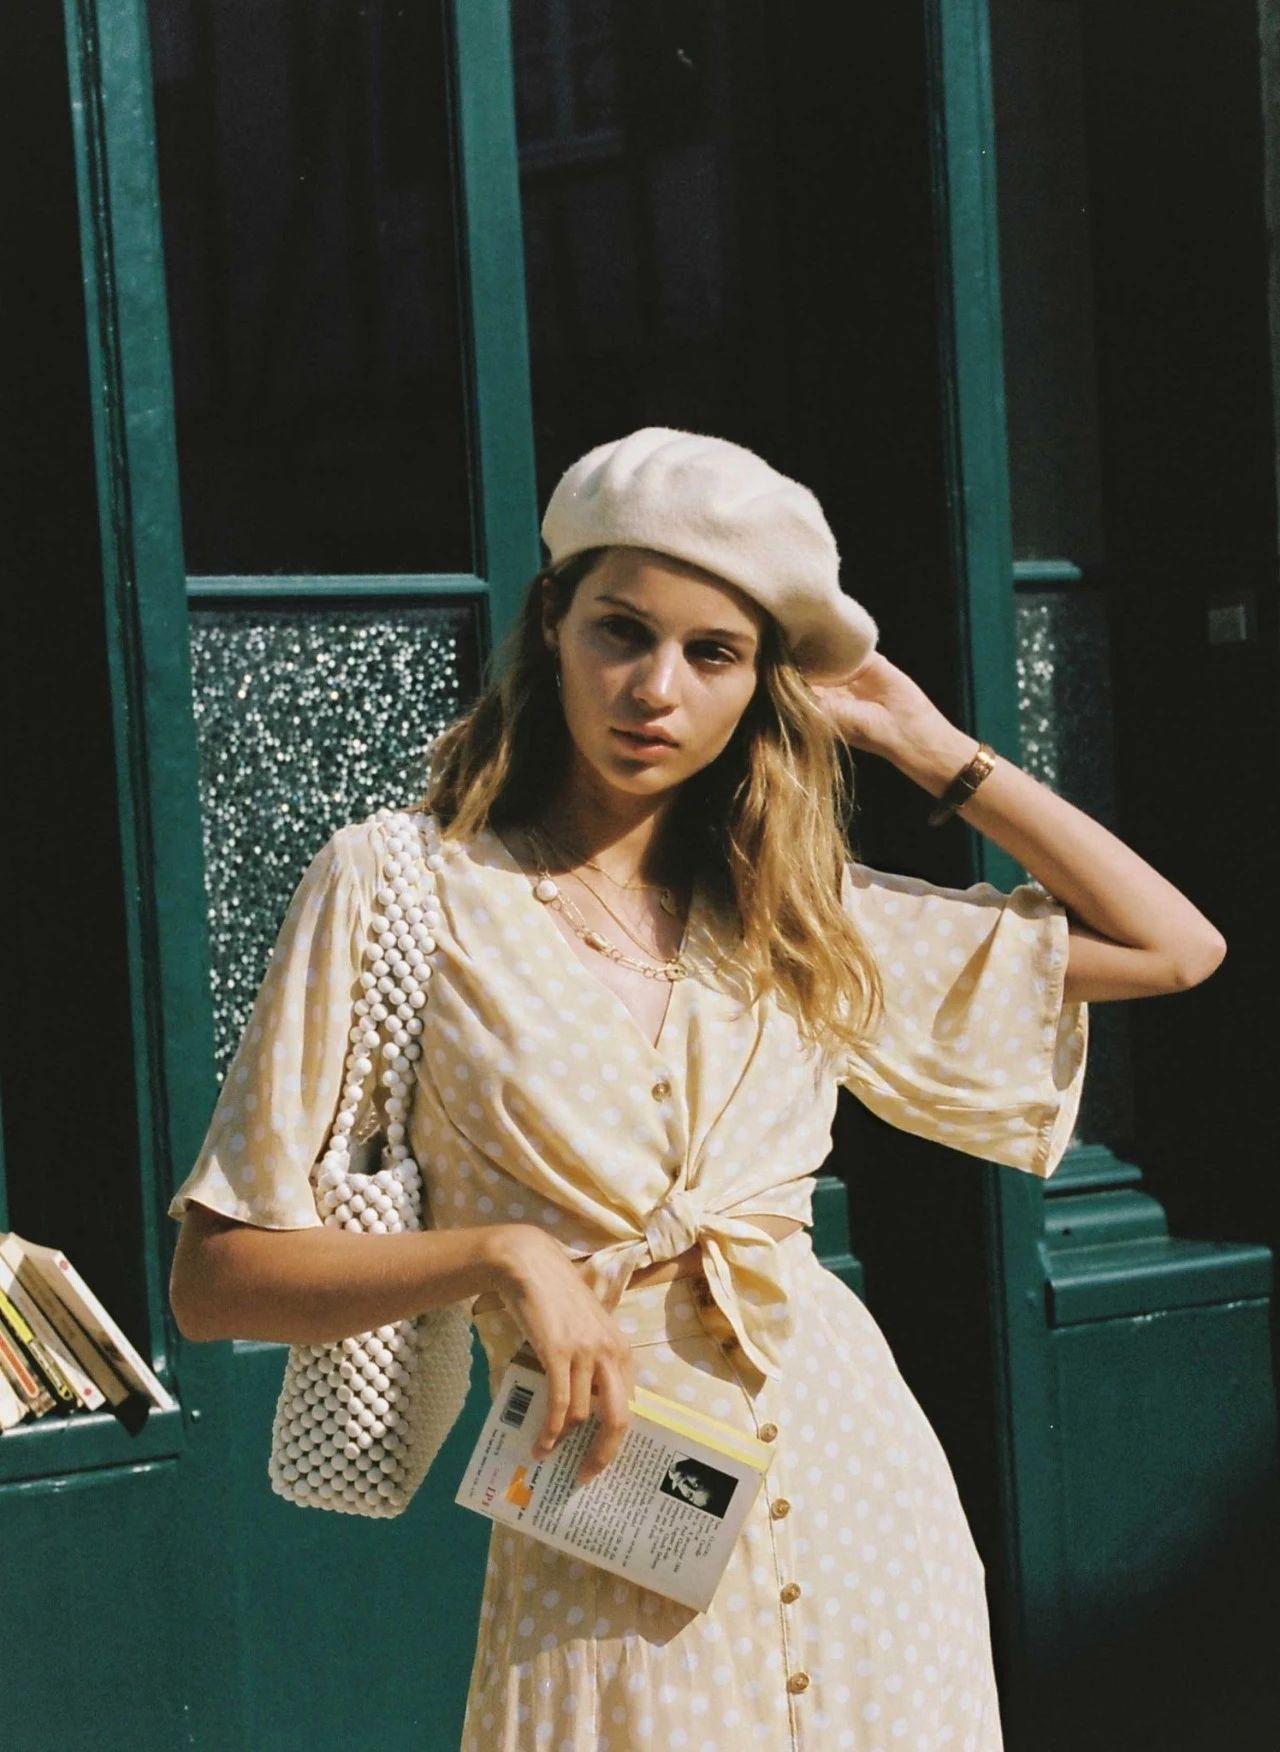 Diện đồ bình dân mà vẫn đẳng cấp, đó là vì phụ nữ Pháp luôn ưu tiên cho những item có họa tiết và chất liệu này-6